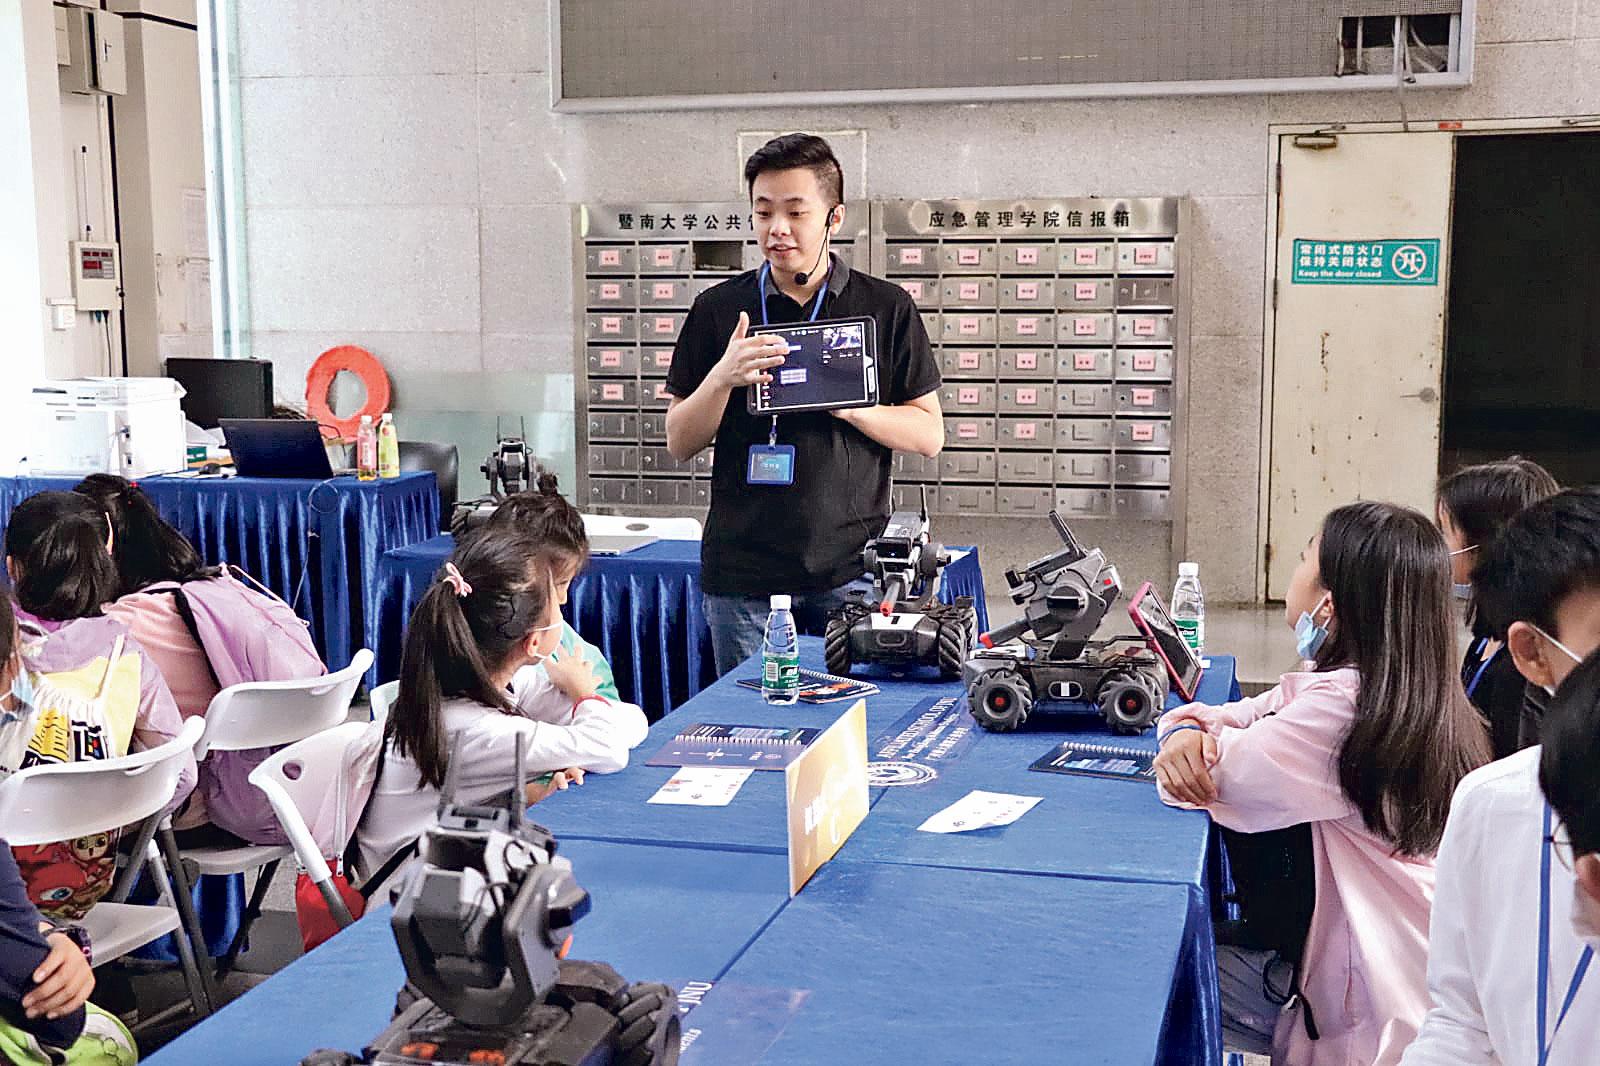 廣州暨大港澳子弟學校積極招聘港籍教師 早着大灣區教學先機 事業展新天